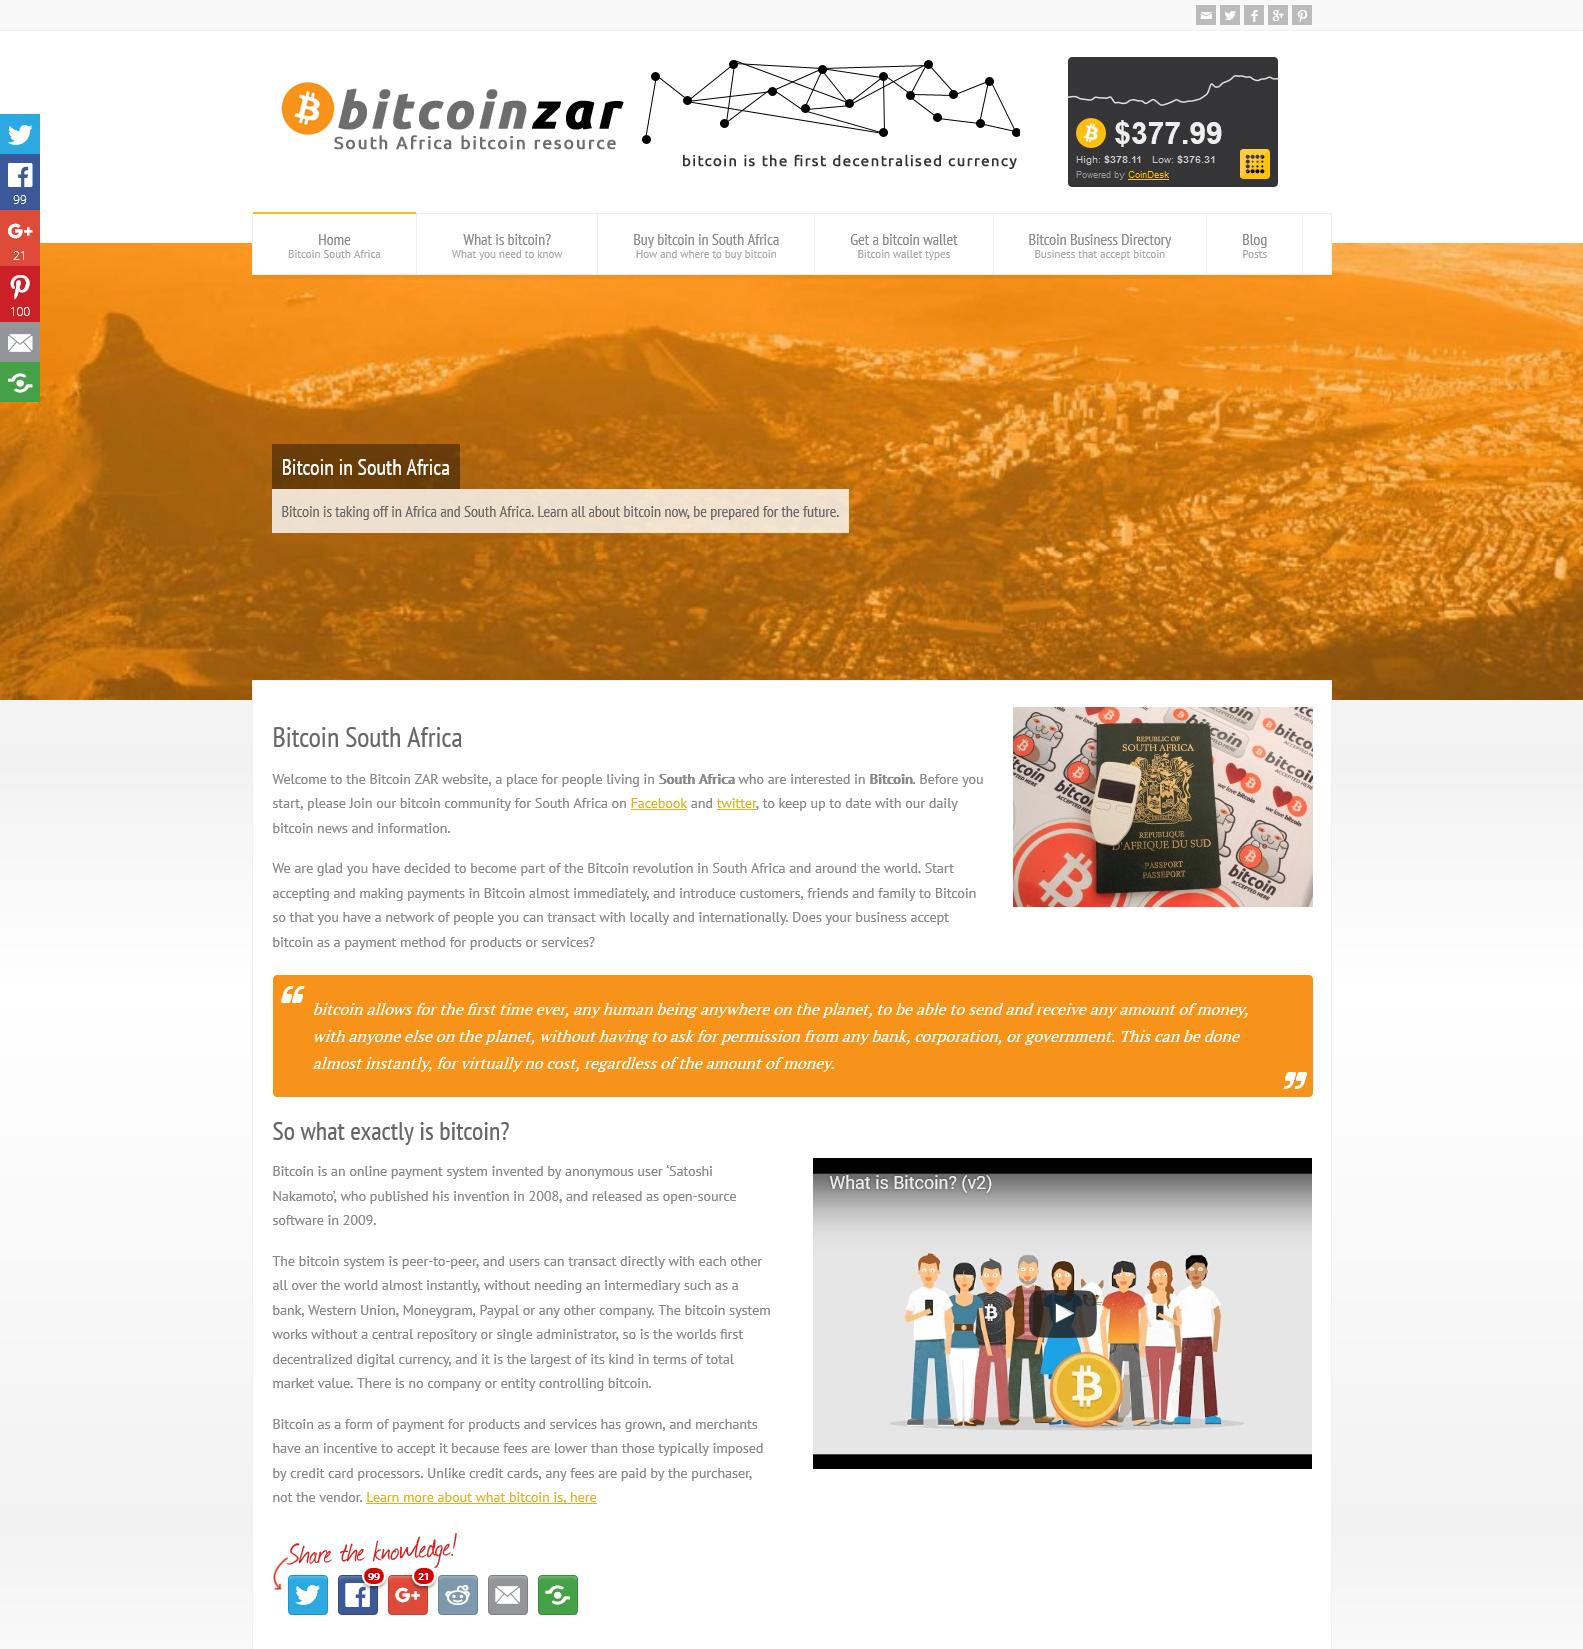 Bitcoinzar bitcoin wiki ccuart Image collections